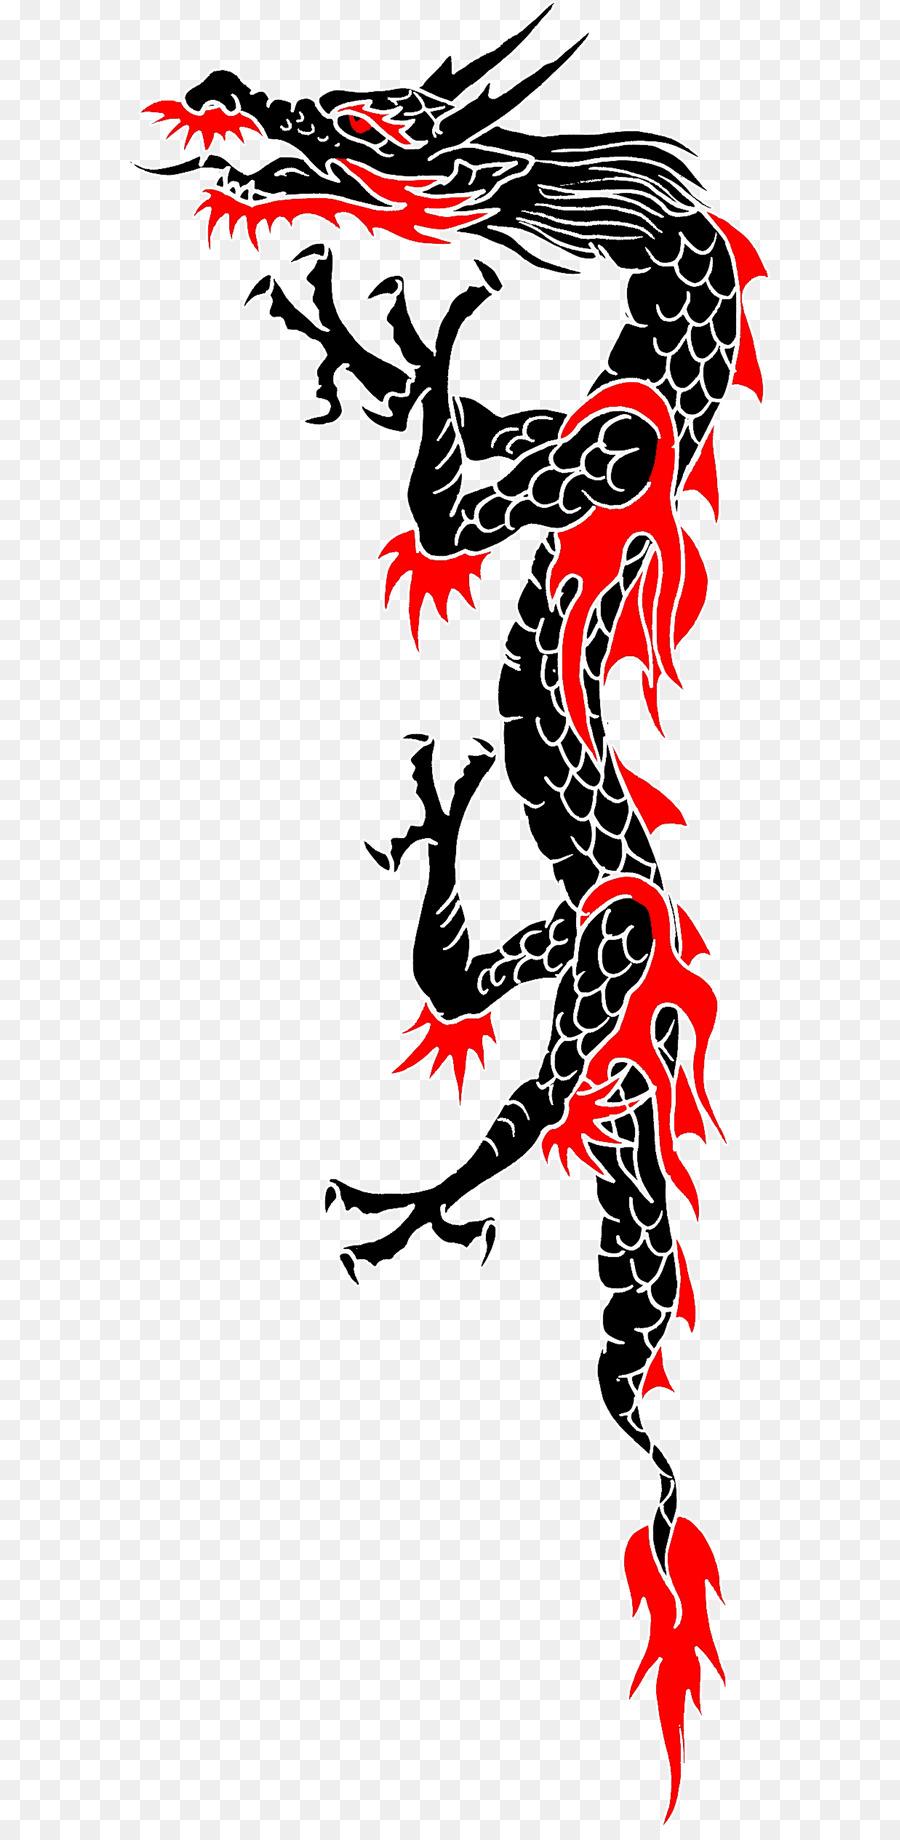 Karate clipart Karate Kyokushin Martial arts